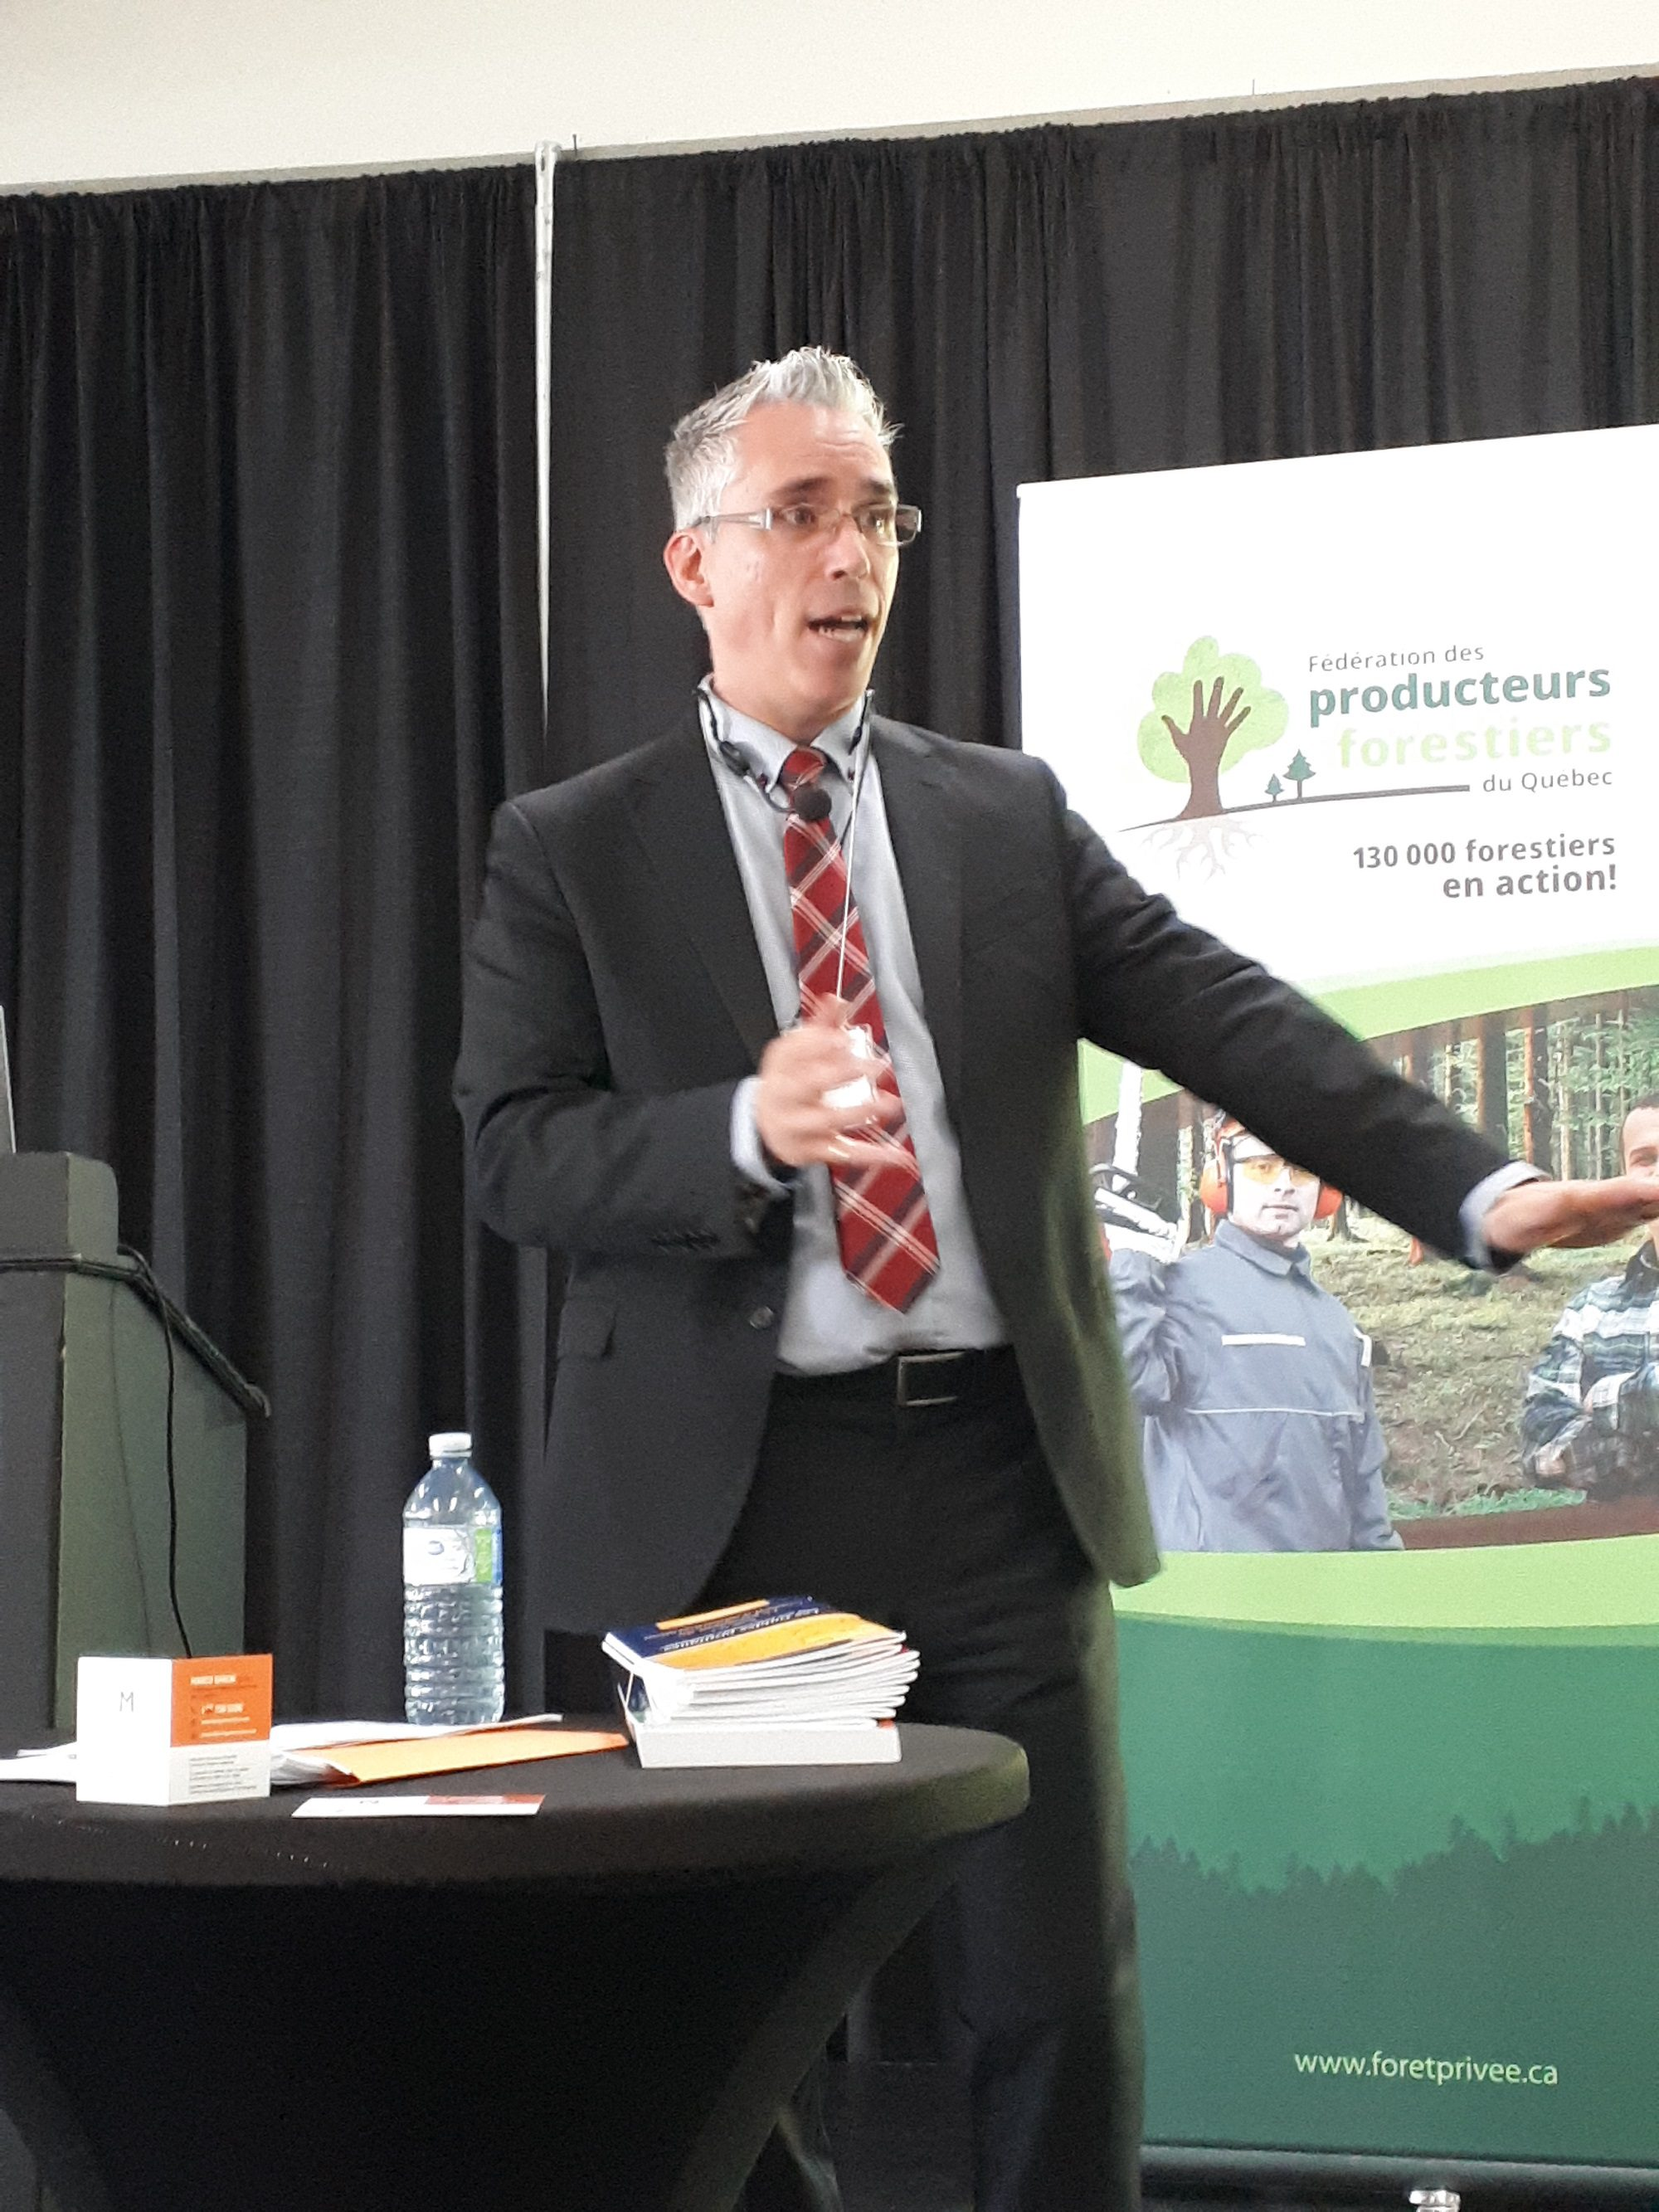 Marco Baron, formateur et consultant en gouvernance stratégique.